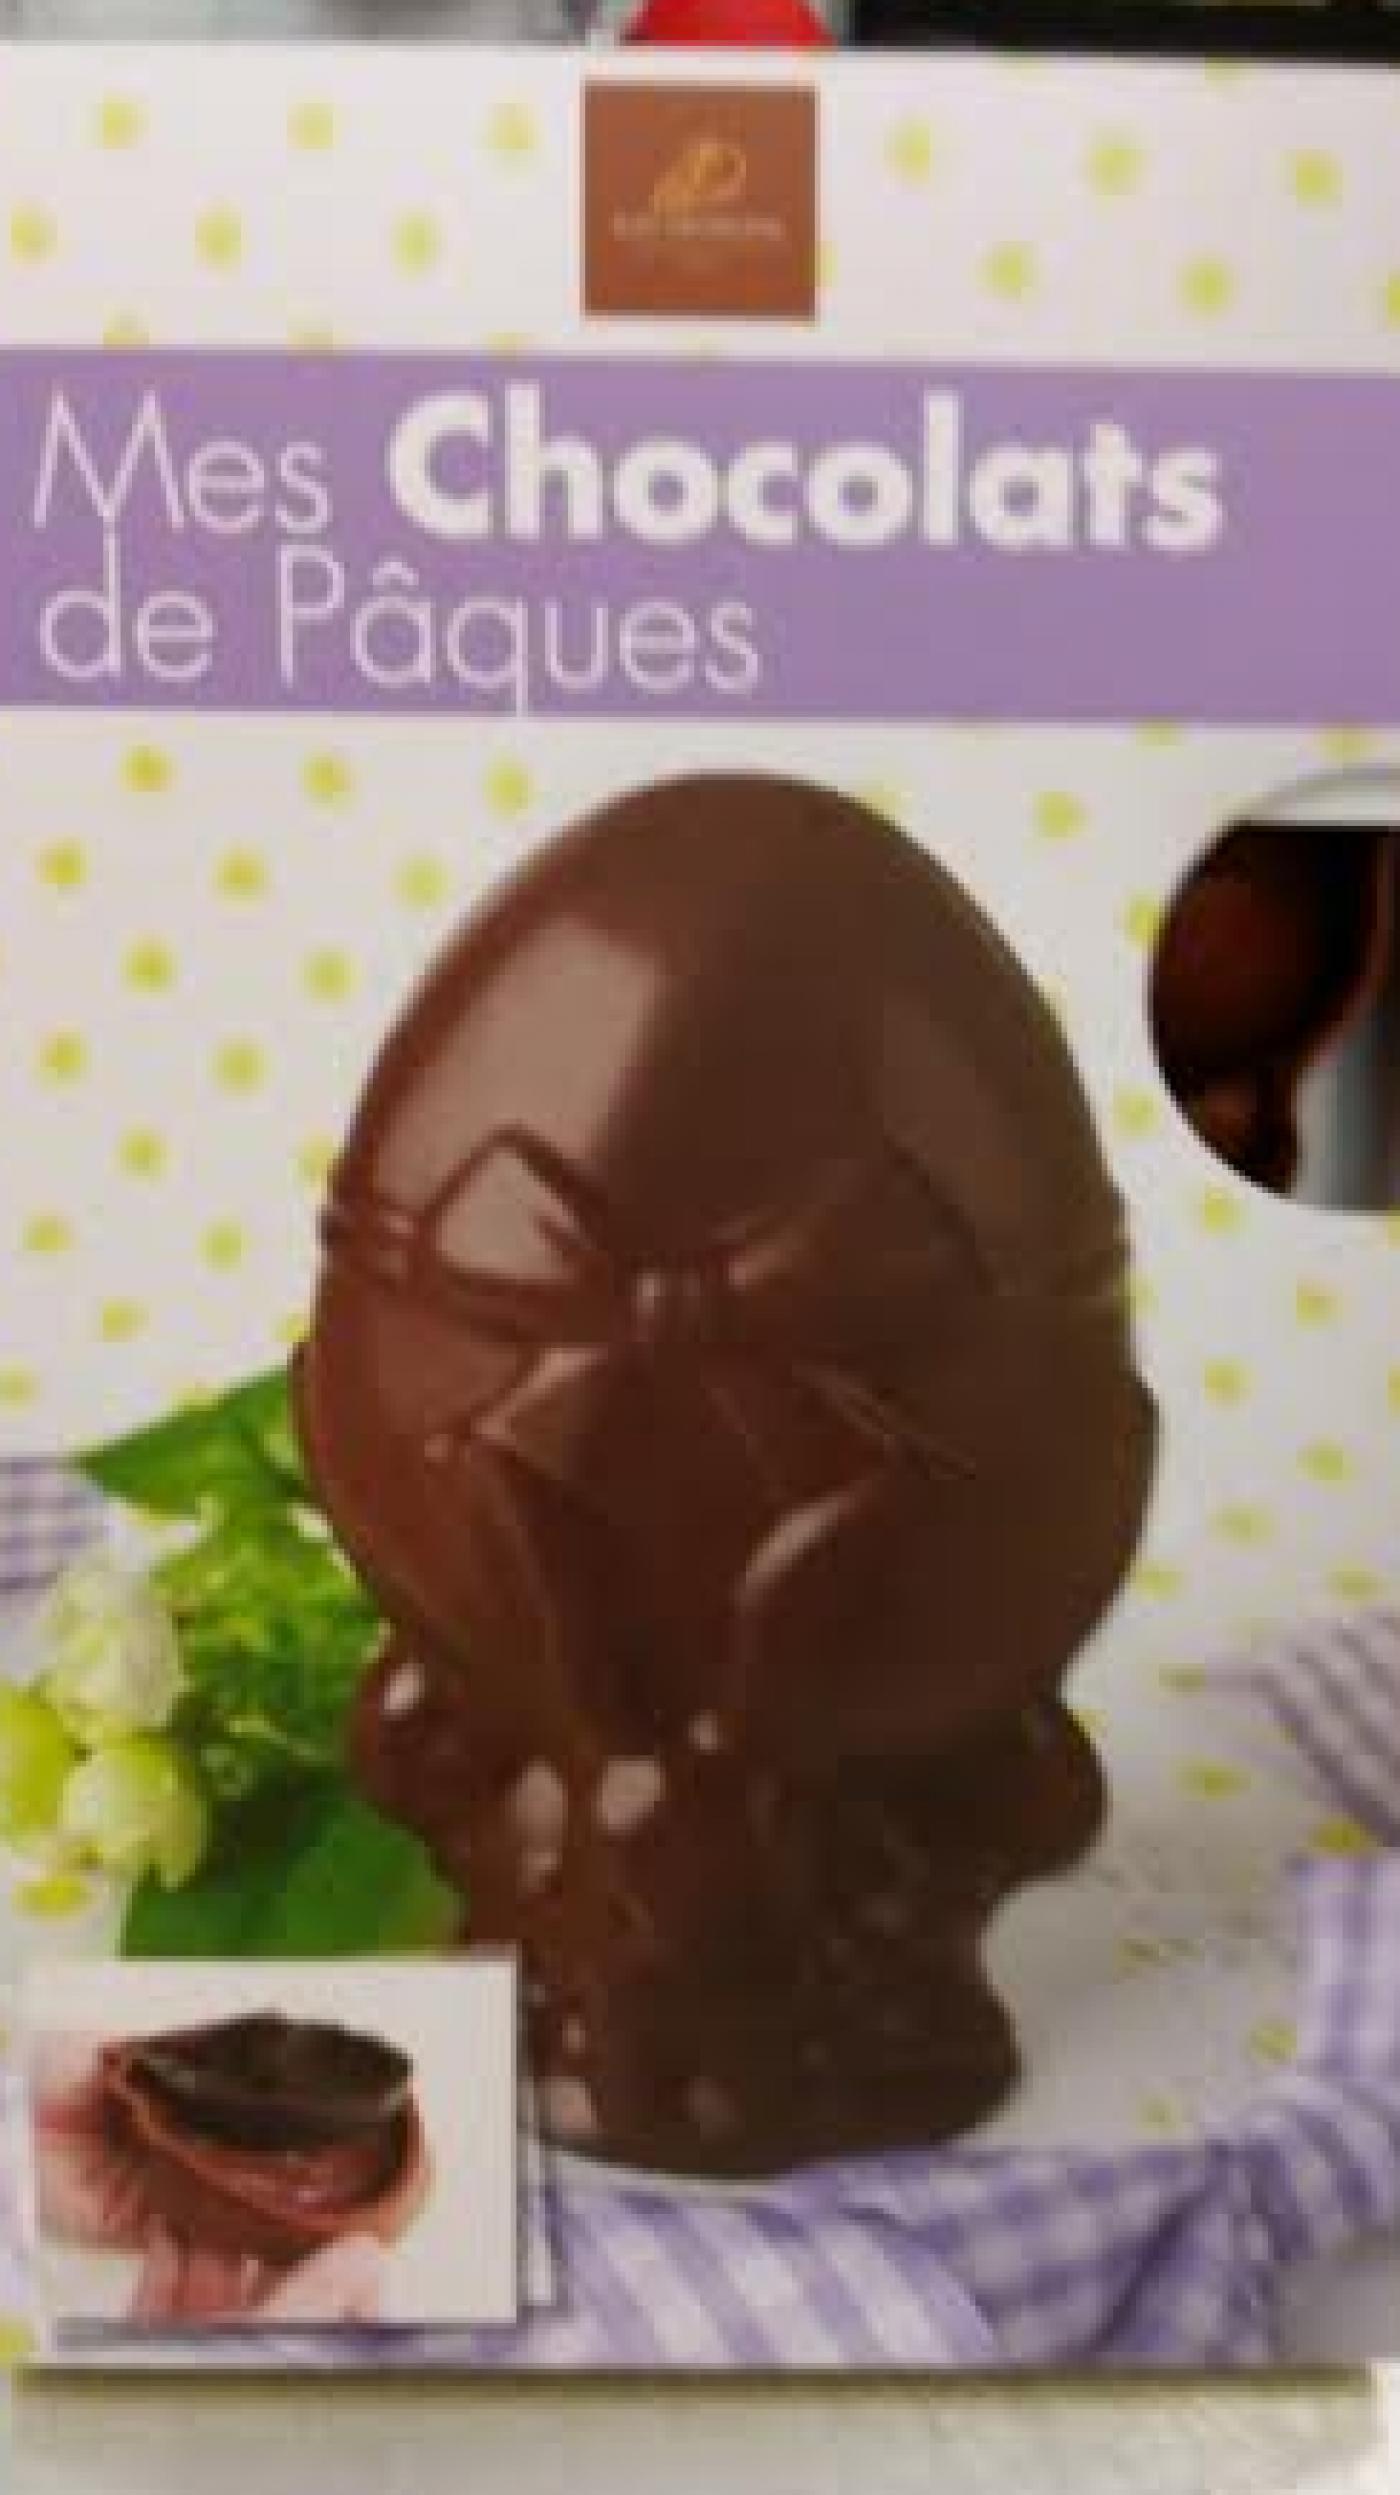 J'ai testé pour vous le moule chocolat de Pâques en forme de poule, lapin et oeuf